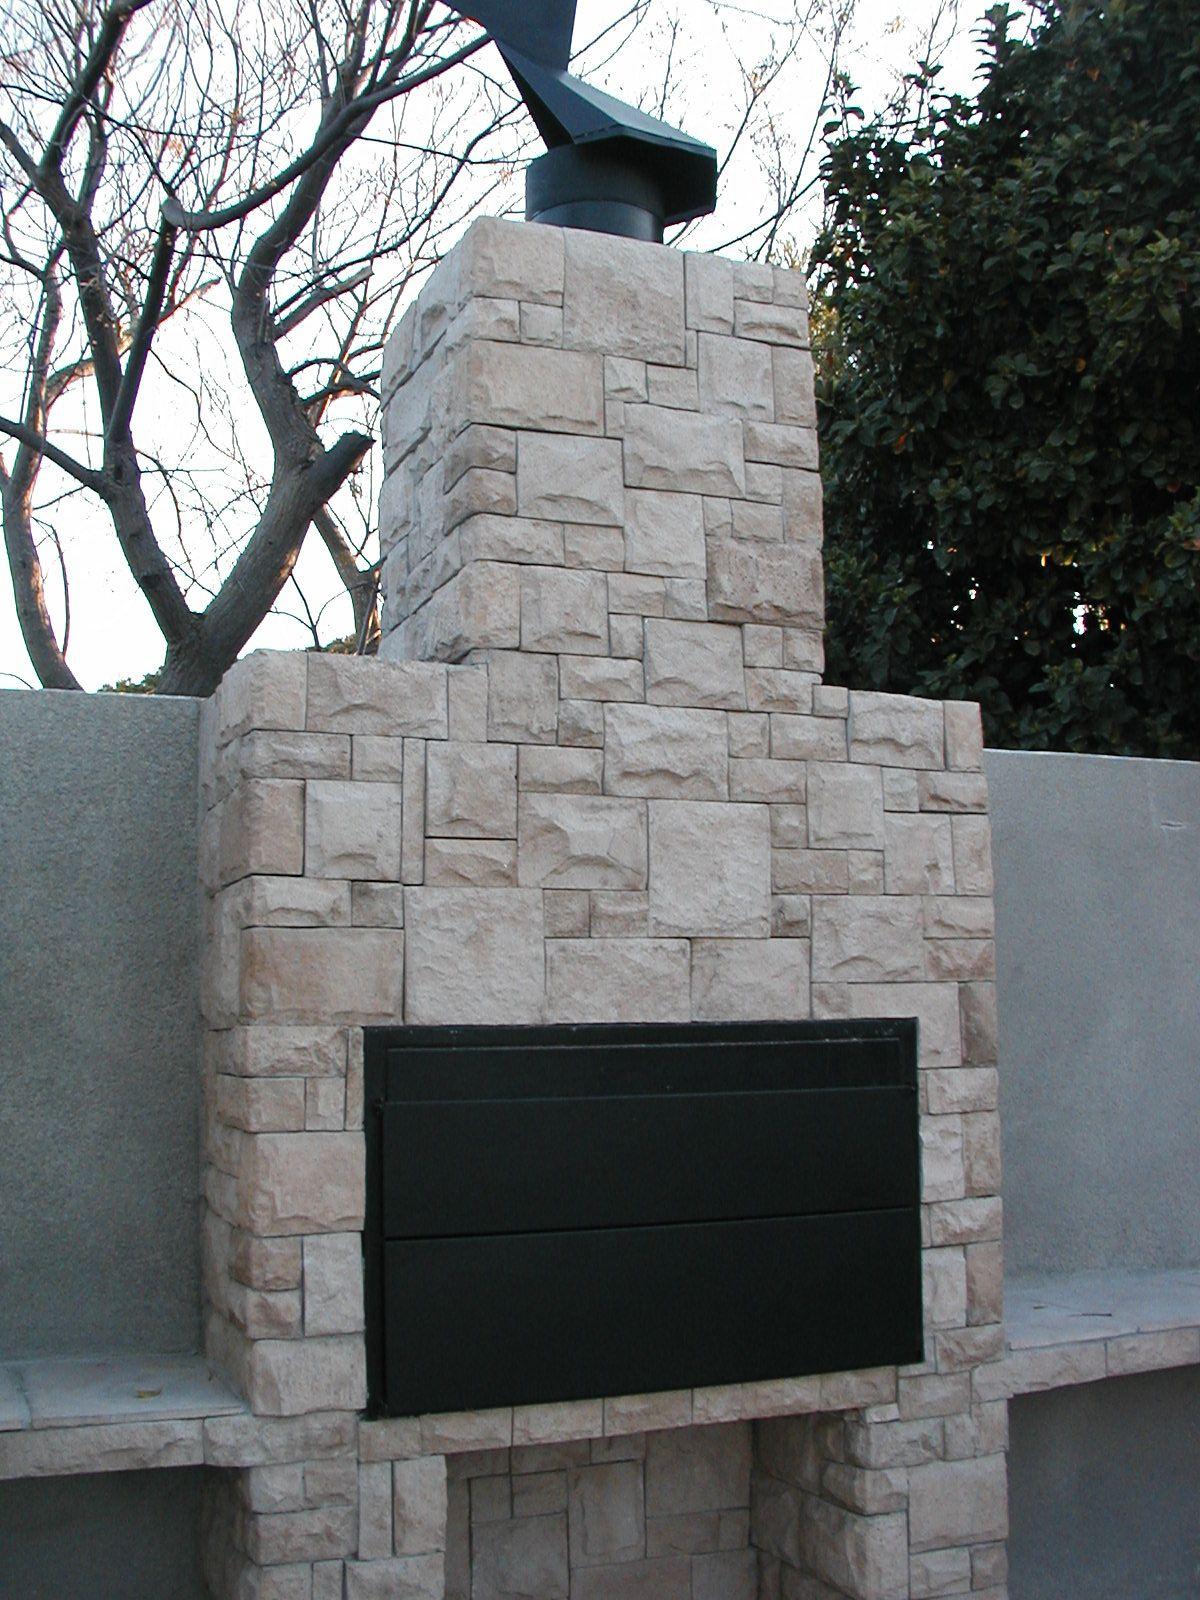 Brick Outside Fireplace